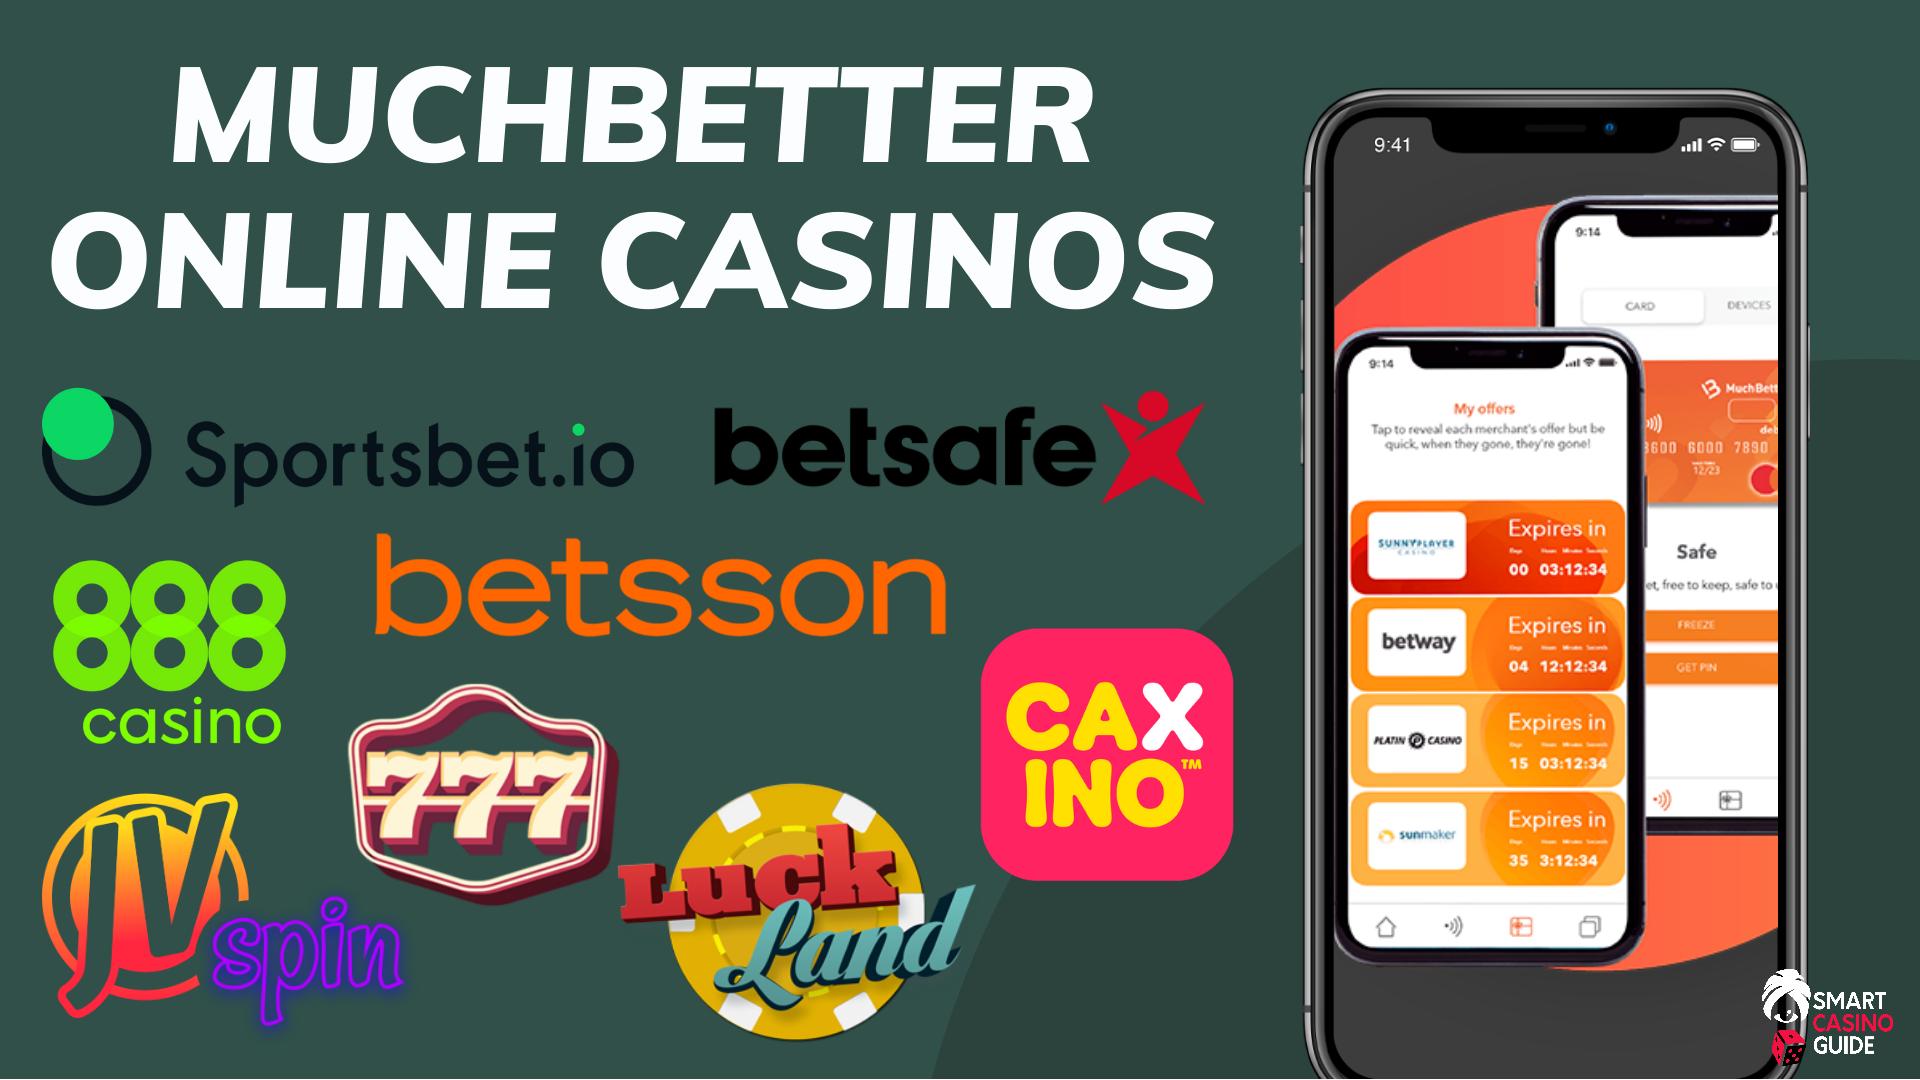 muchbetter casino